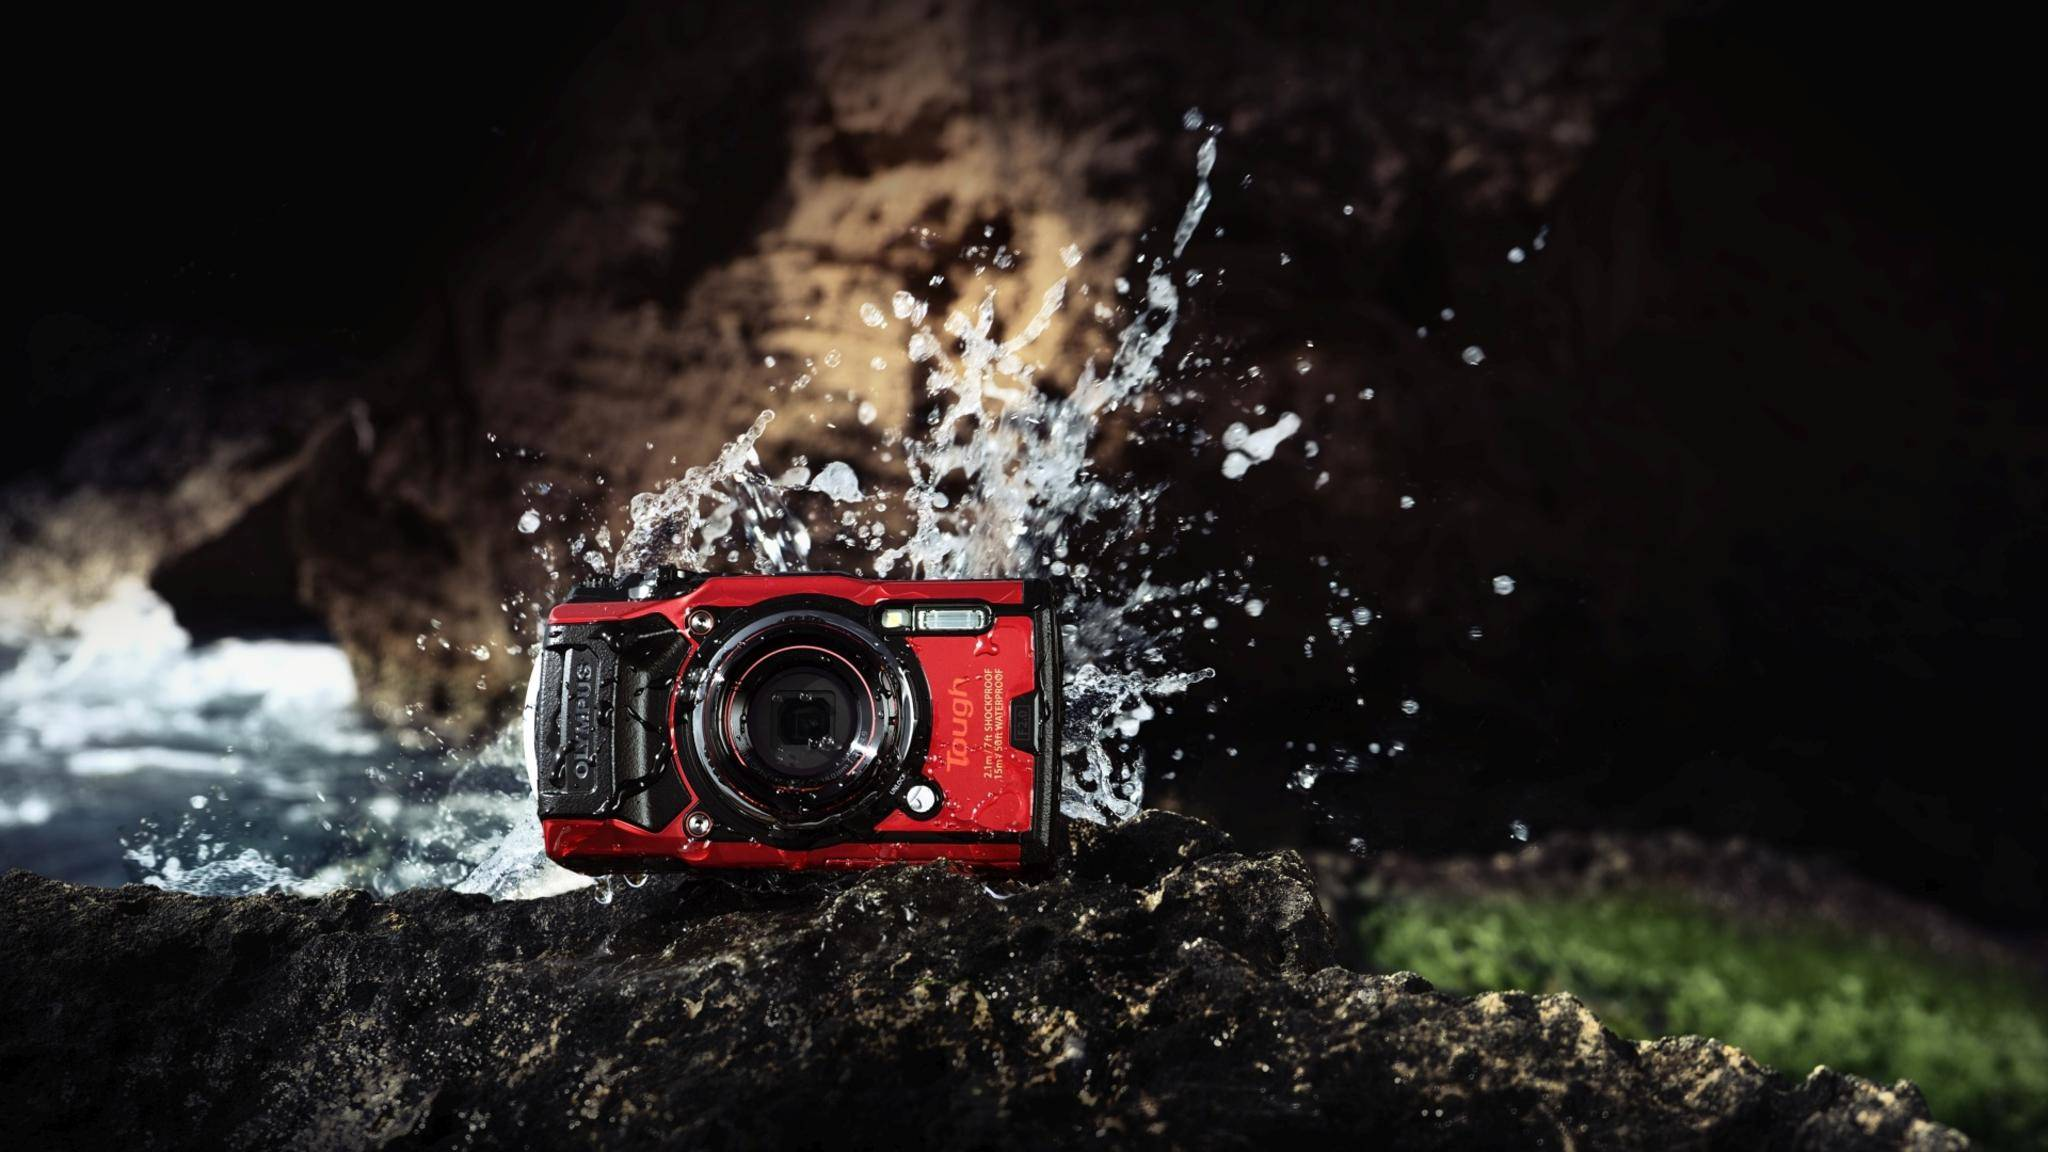 Die Olympus Tough TG-6 knipst auch Fotos unter schwierigen Bedingungen.